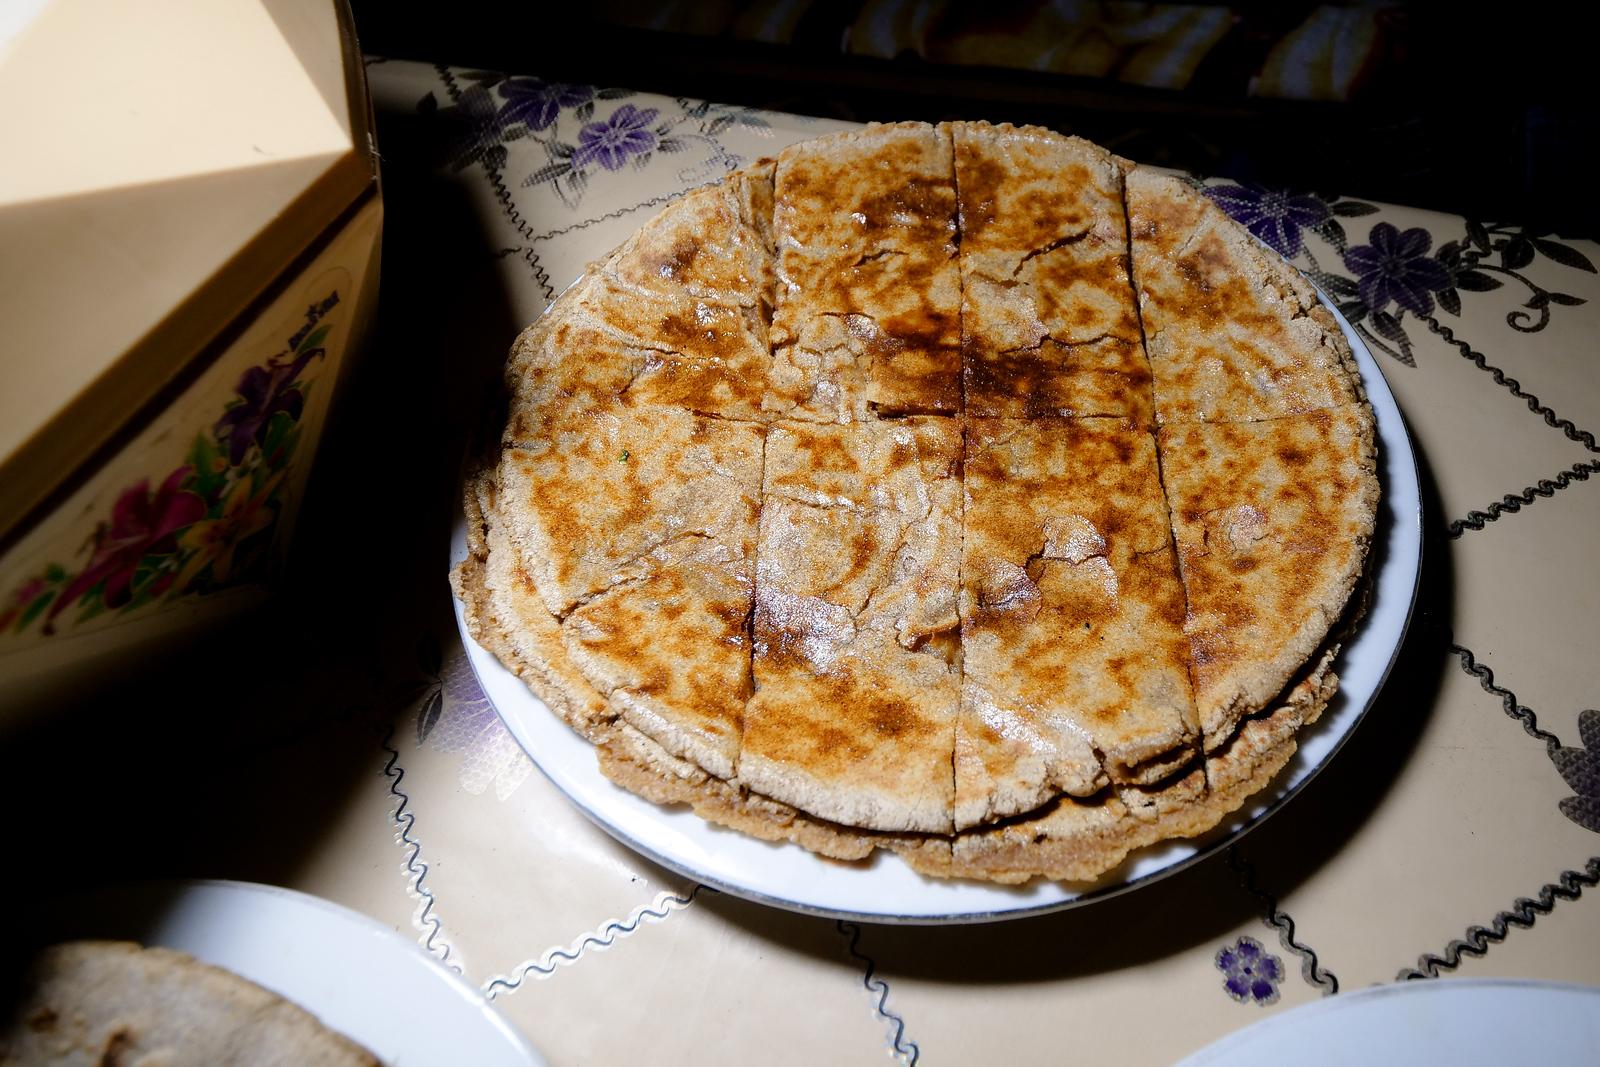 Gyal配核桃糊,是传统的巴尔蒂食品